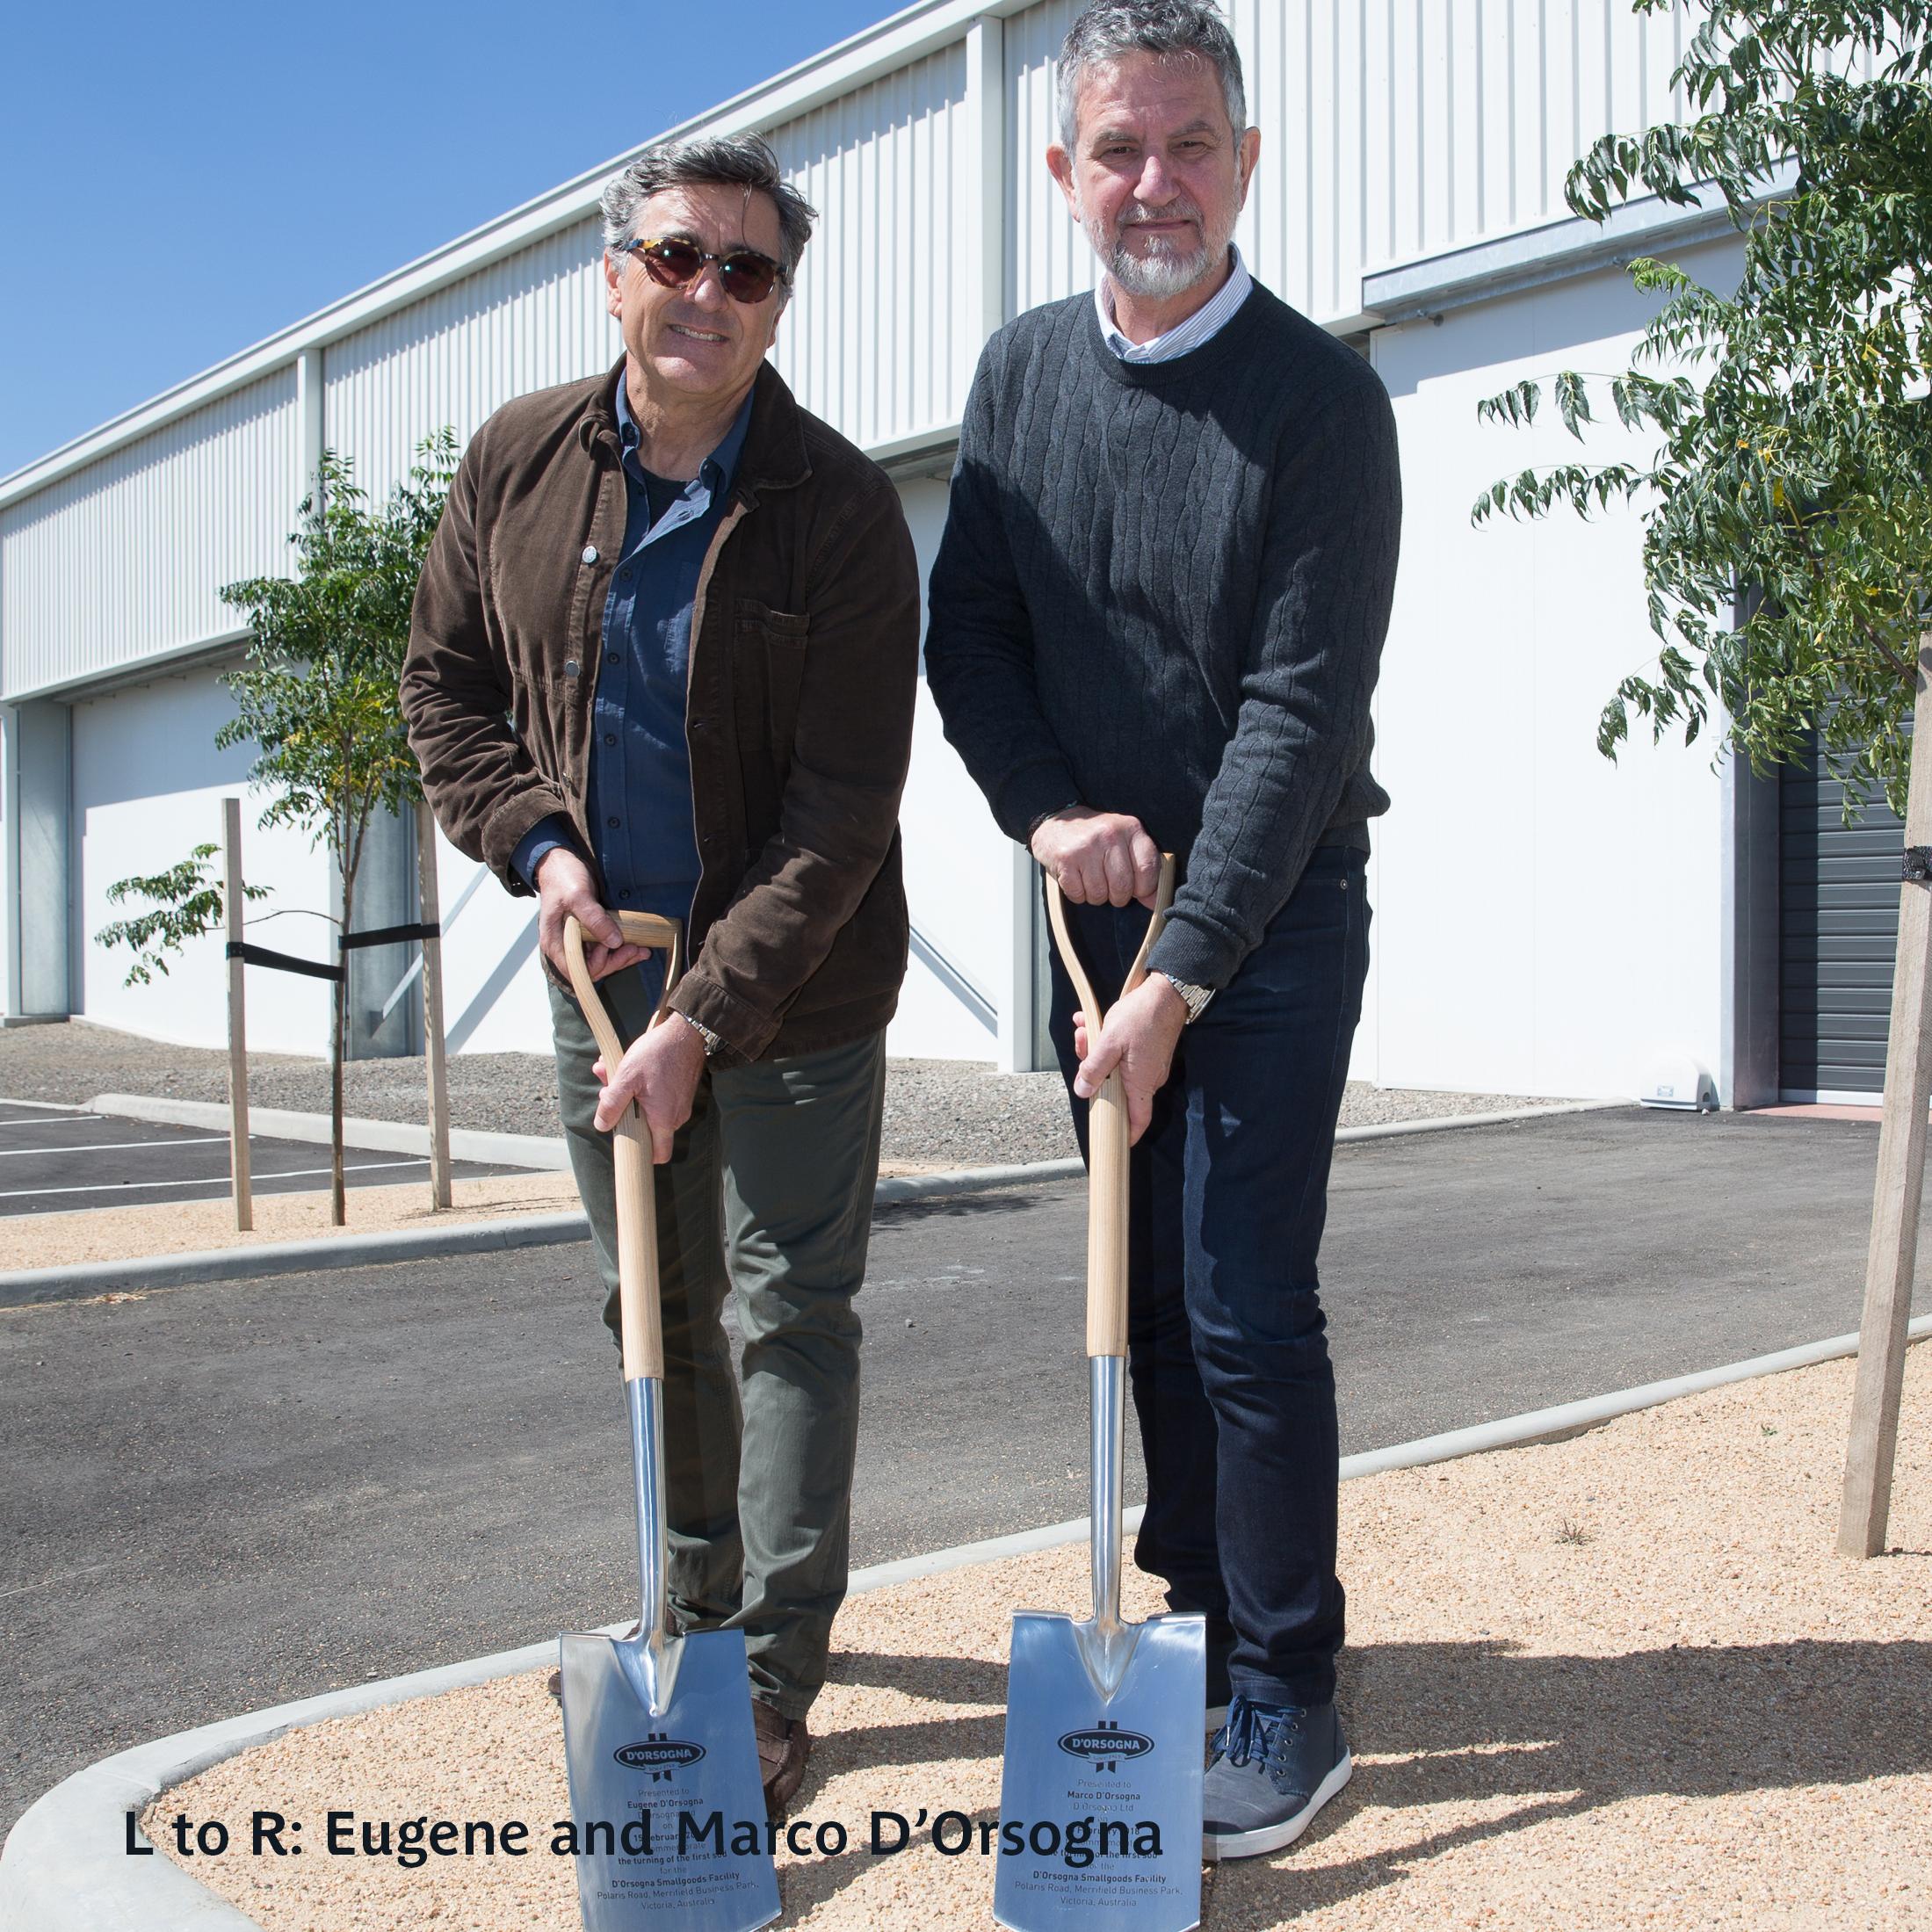 Eugene & Marco D'Orsogna